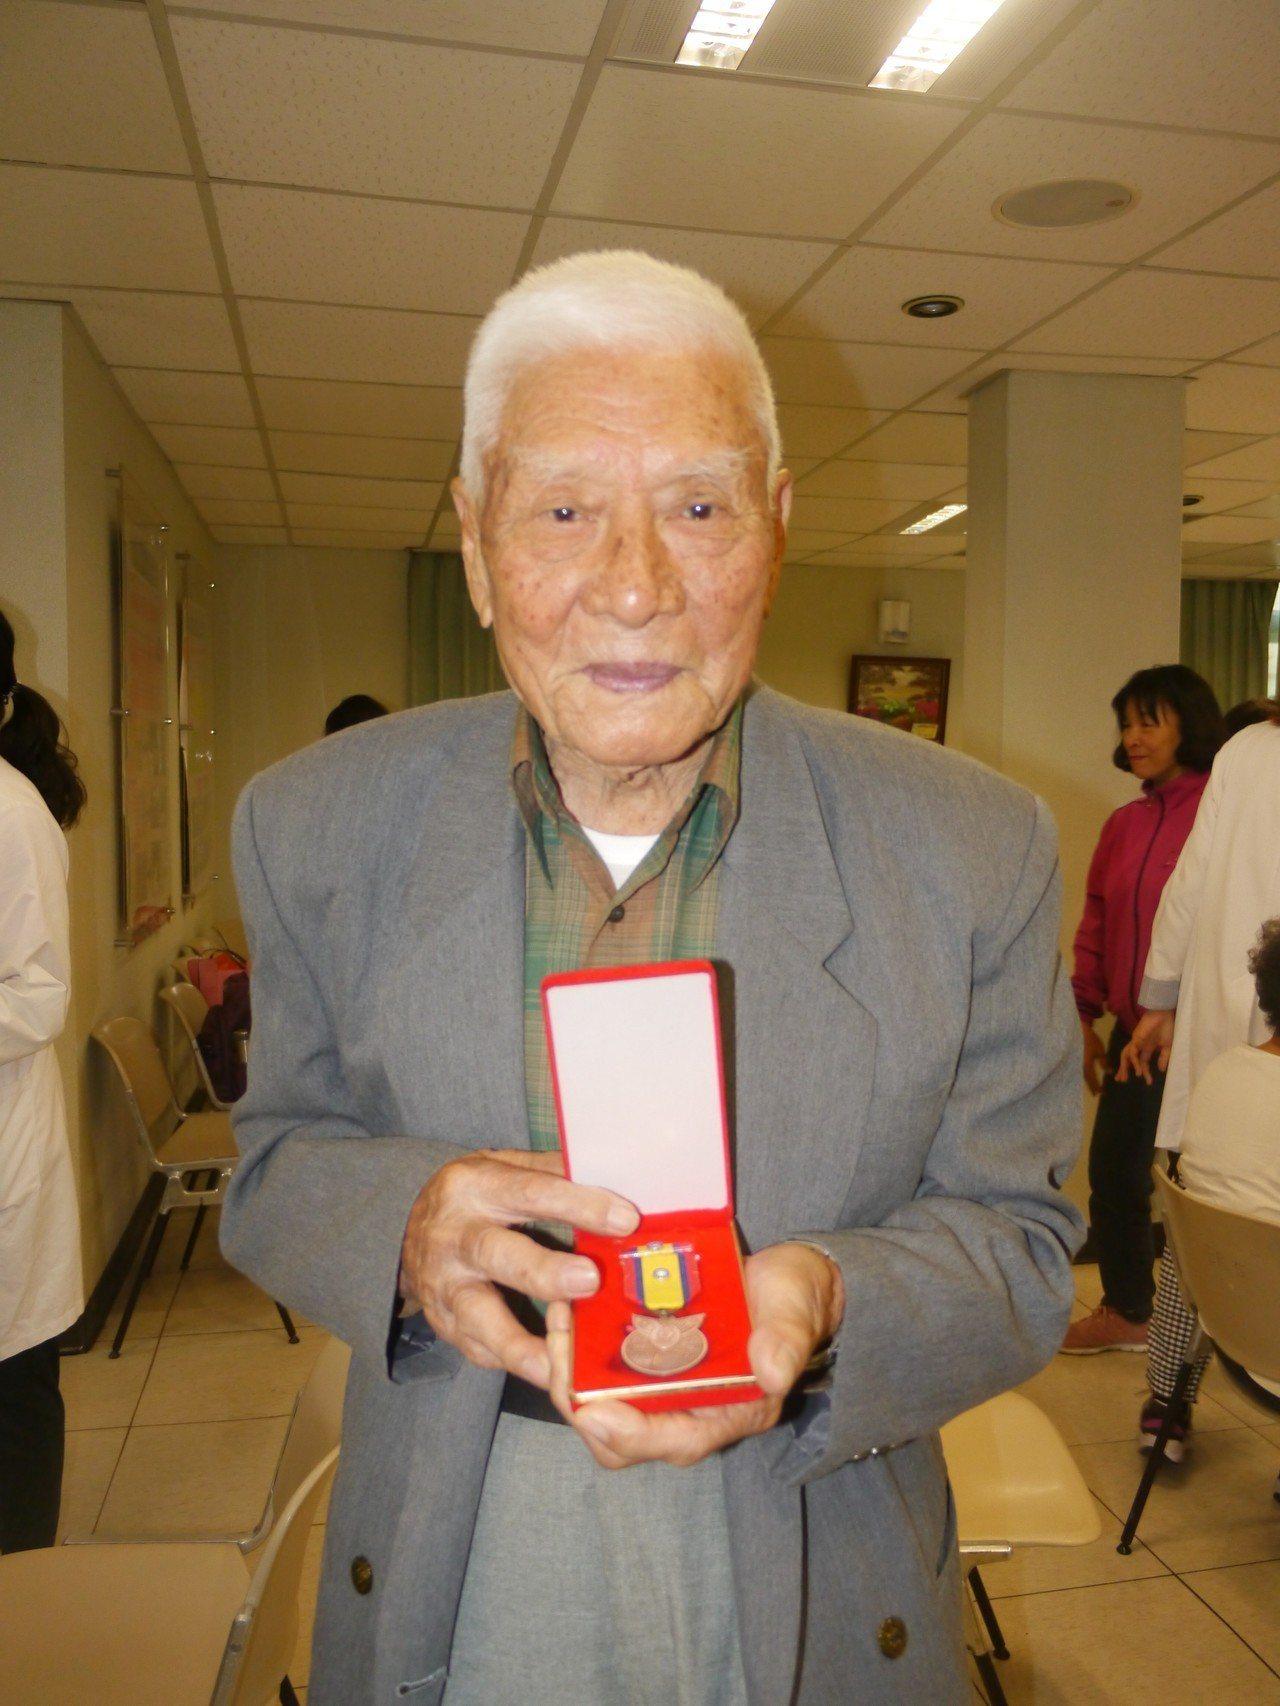 姜之發領有抗戰勝利紀念章,這個勳章珍藏多年。記者徐白櫻/攝影